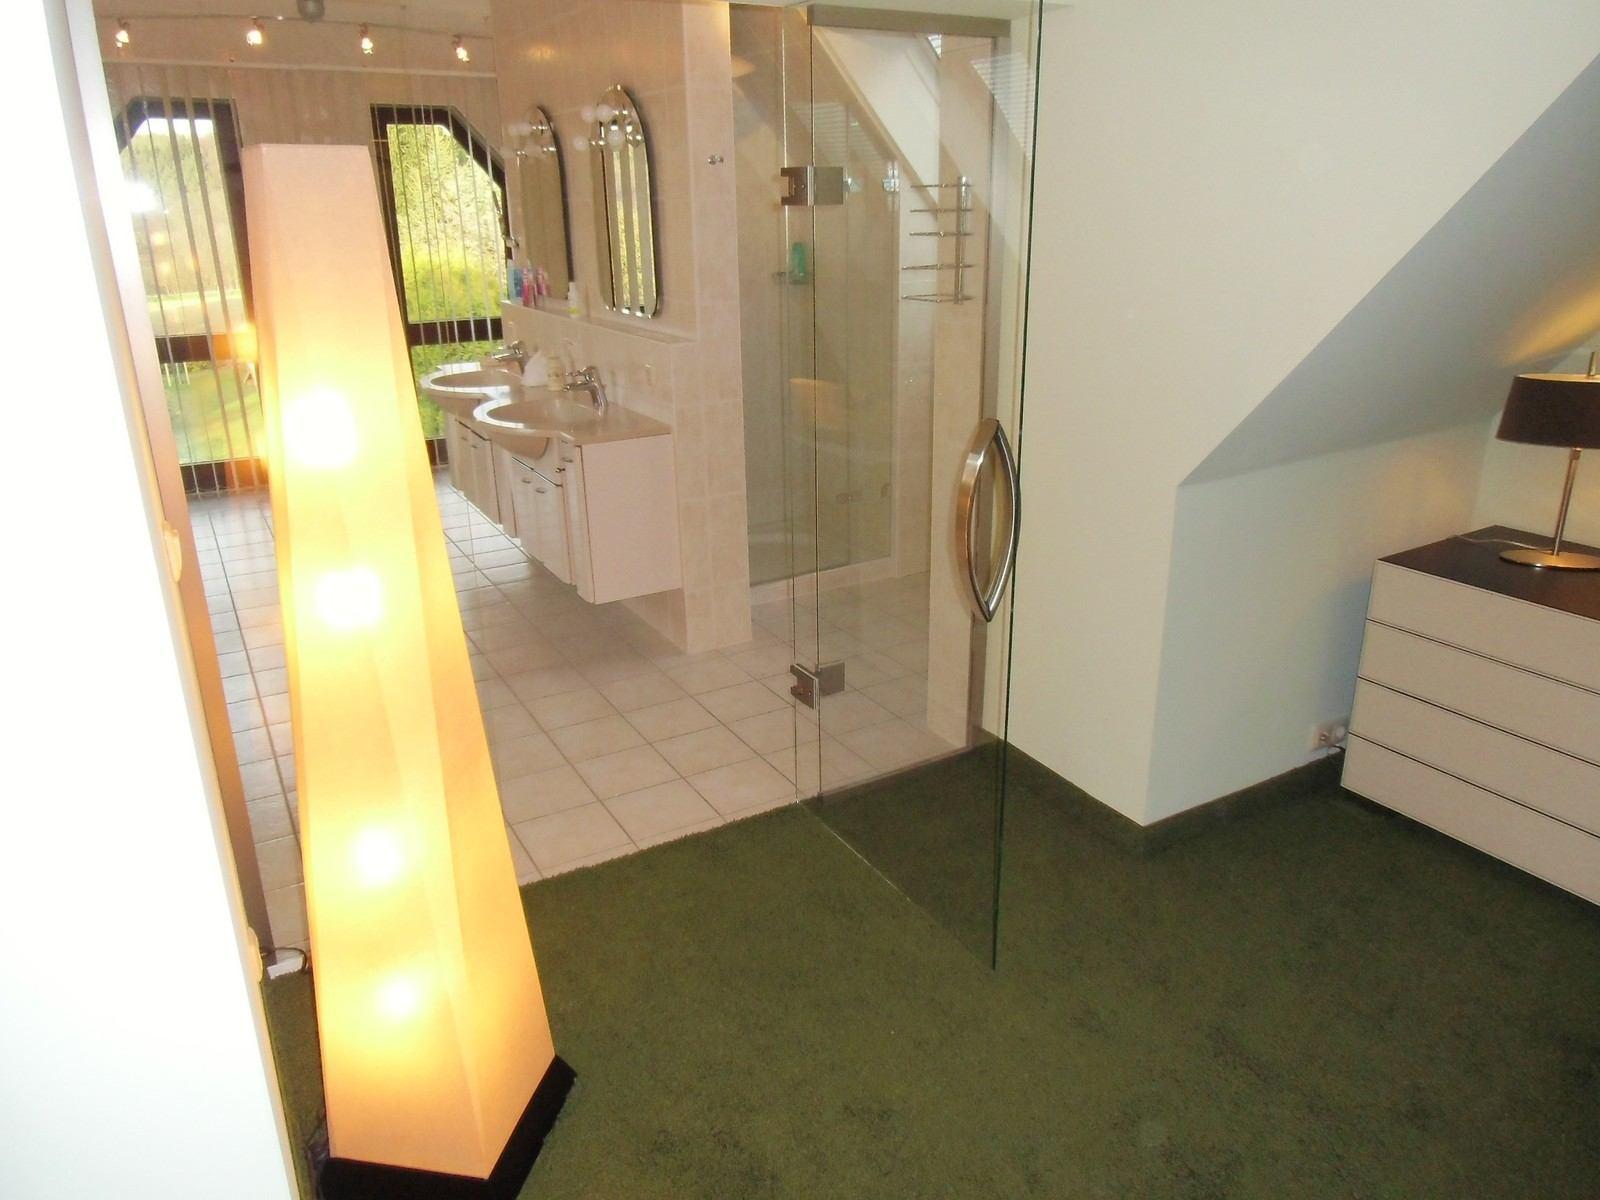 Hier sehen Sie die moderne Pendeltüranlage zwischen Bad und Ankleidezimmer aus einer weiteren Perspektive.